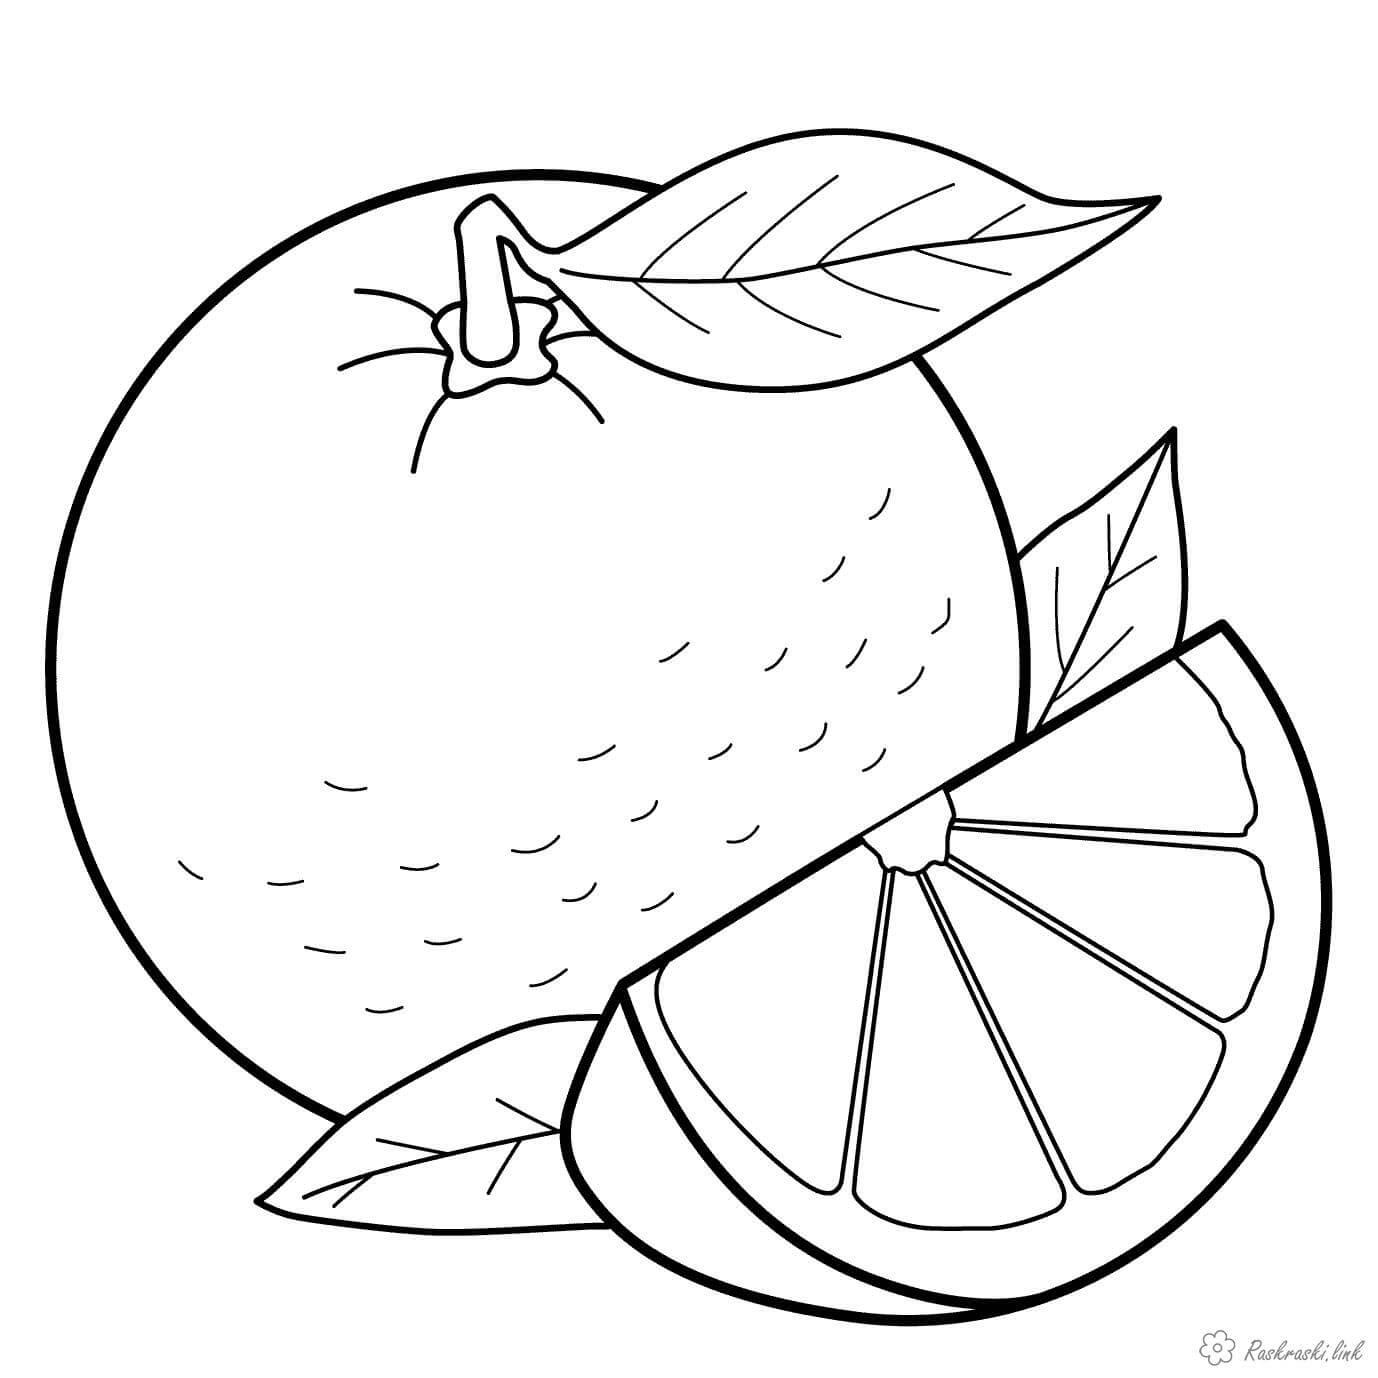 раскраски с фруктами овощами и ягодами